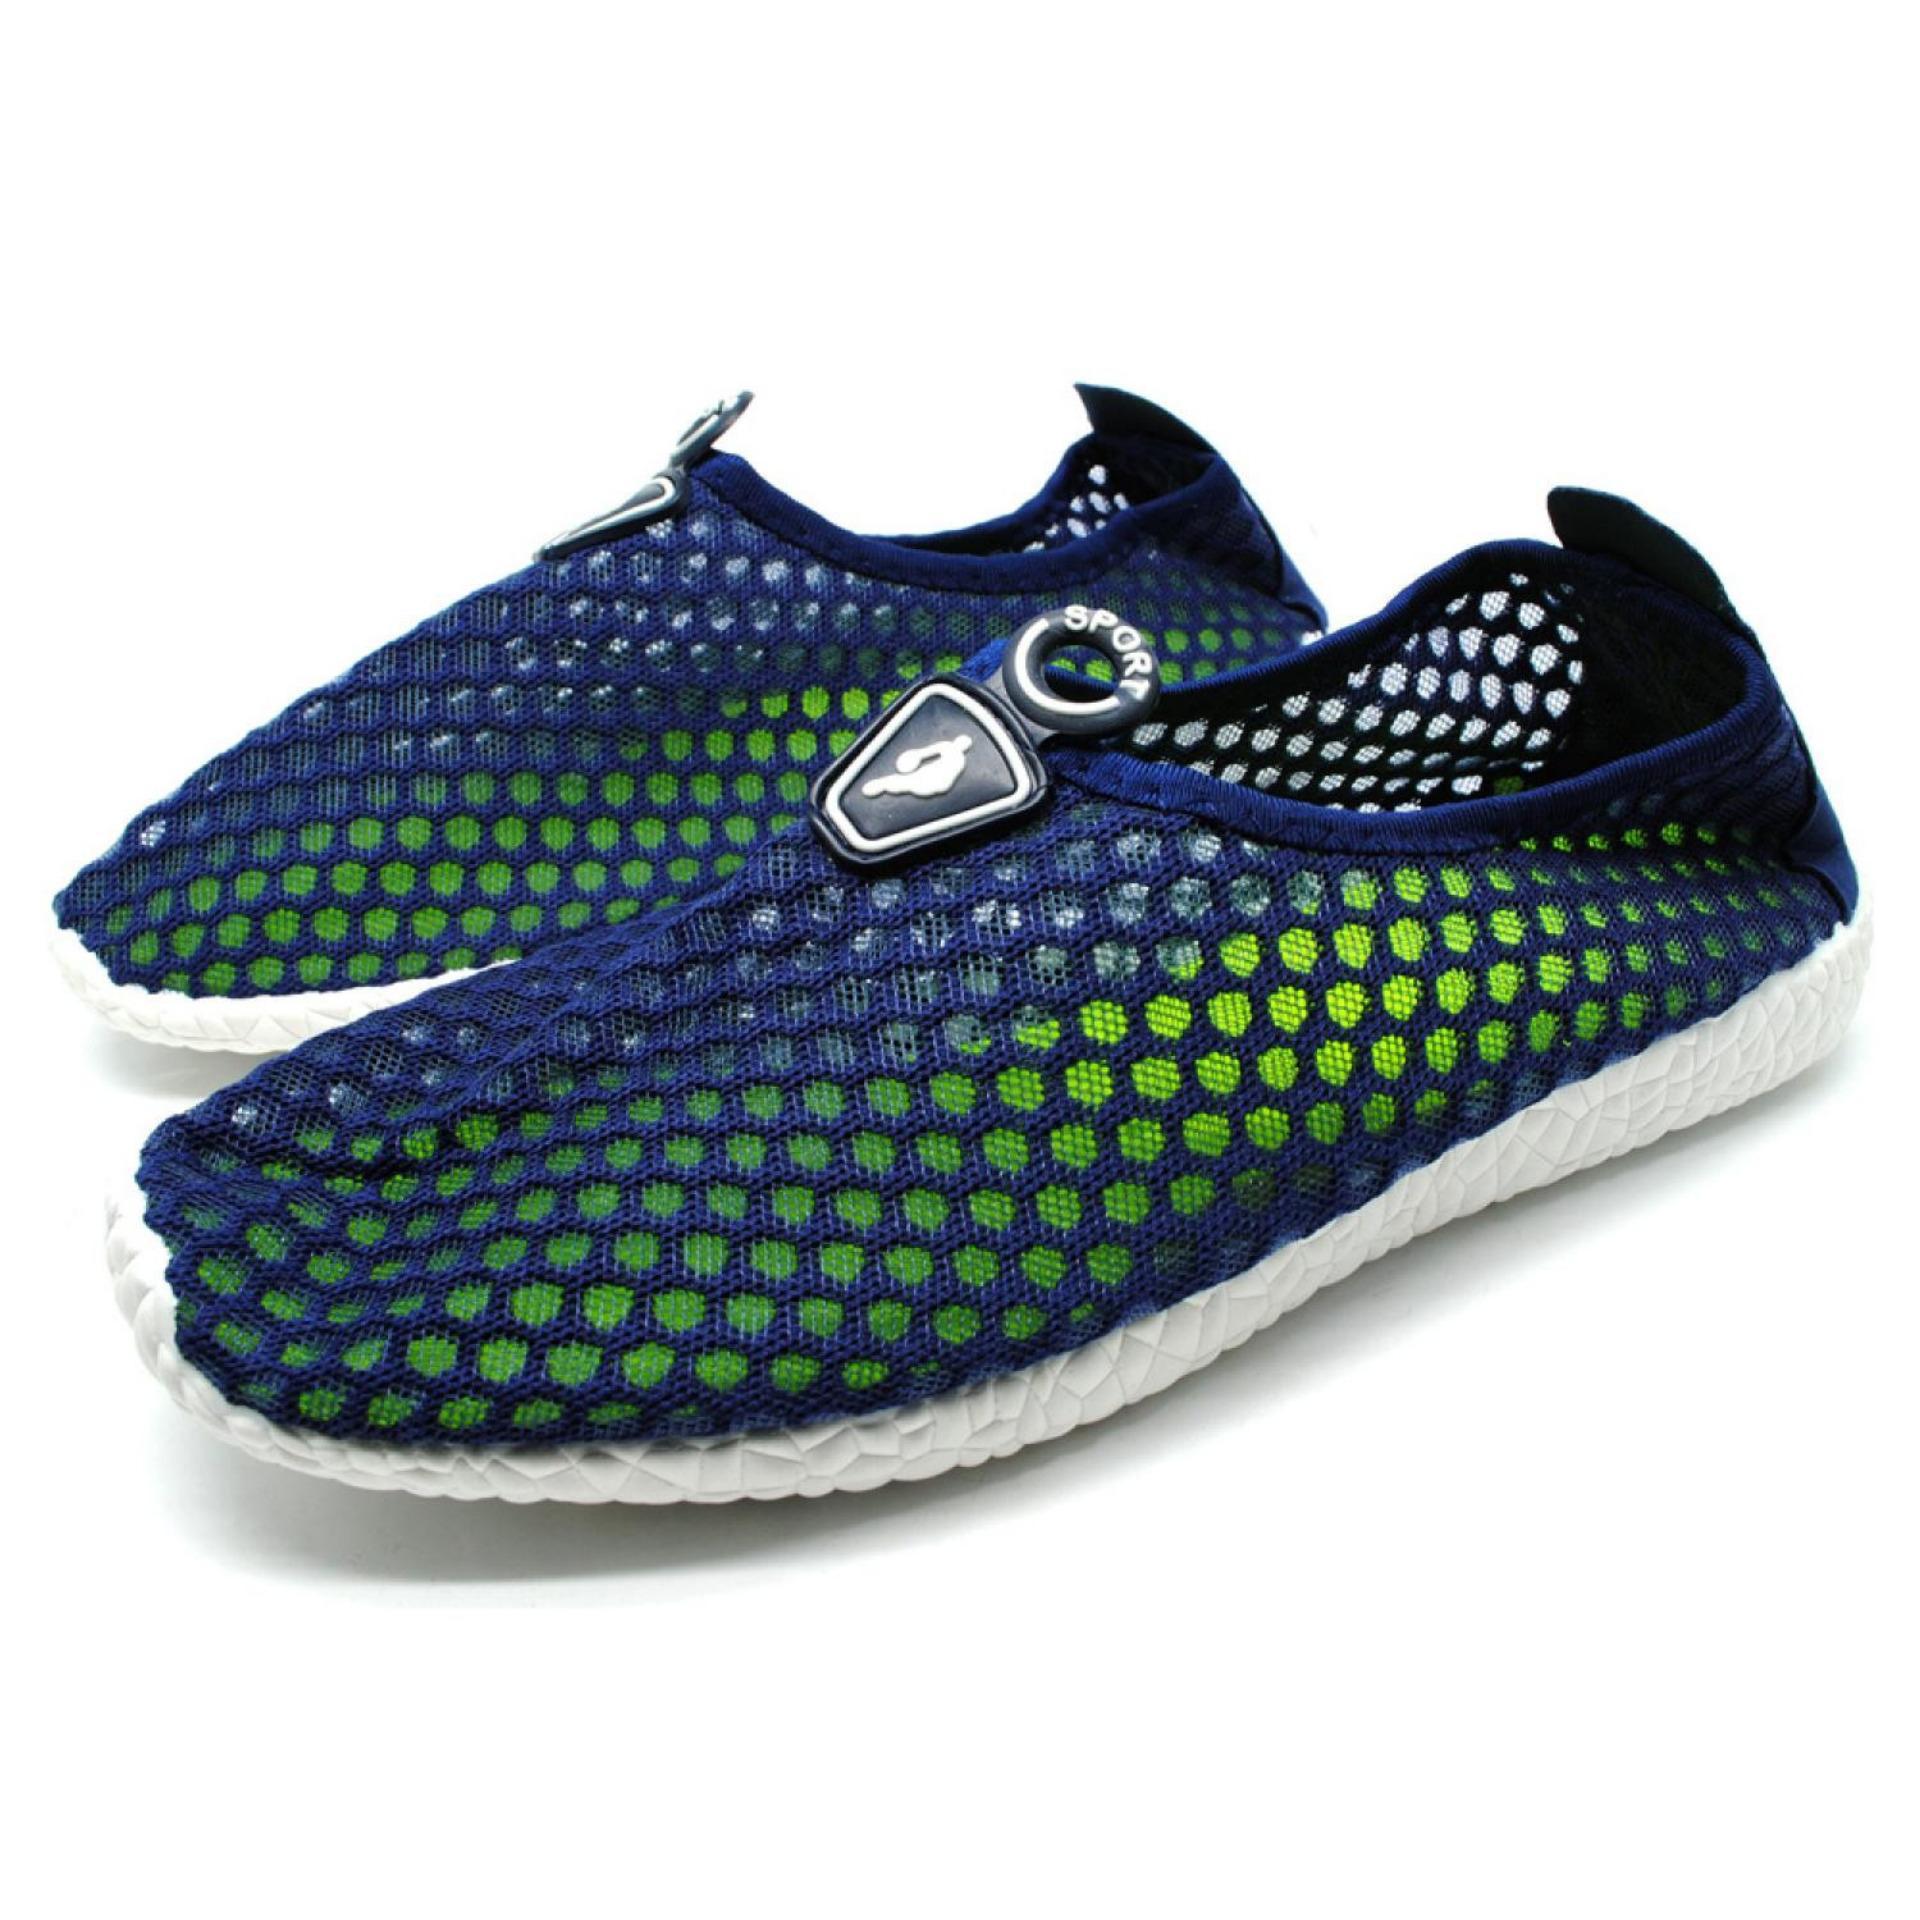 Sepatu Slip On Mesh Pria Blackgreen Daftar Harga Terbaru Dan Peak Basket Authentic Chalenger Real Sneakers E51041a Kasual